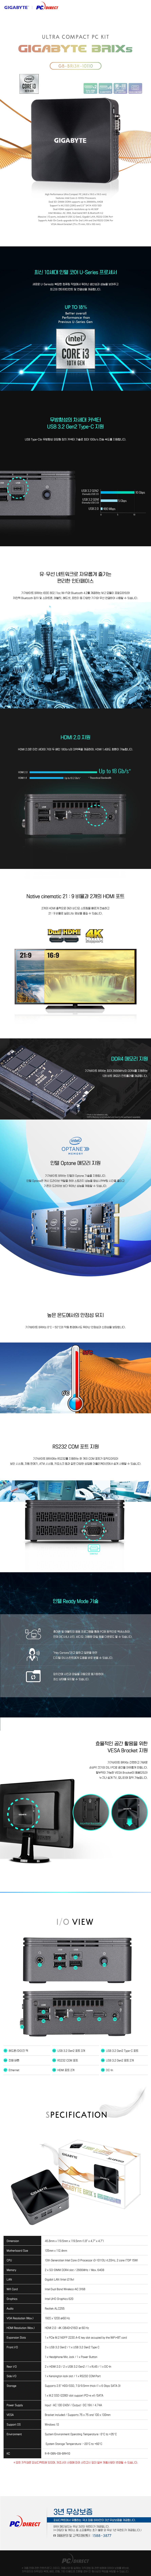 GIGABYTE BRIX GB-BRi3H-10110 SSD 피씨디렉트 (8GB, SSD 120GB)